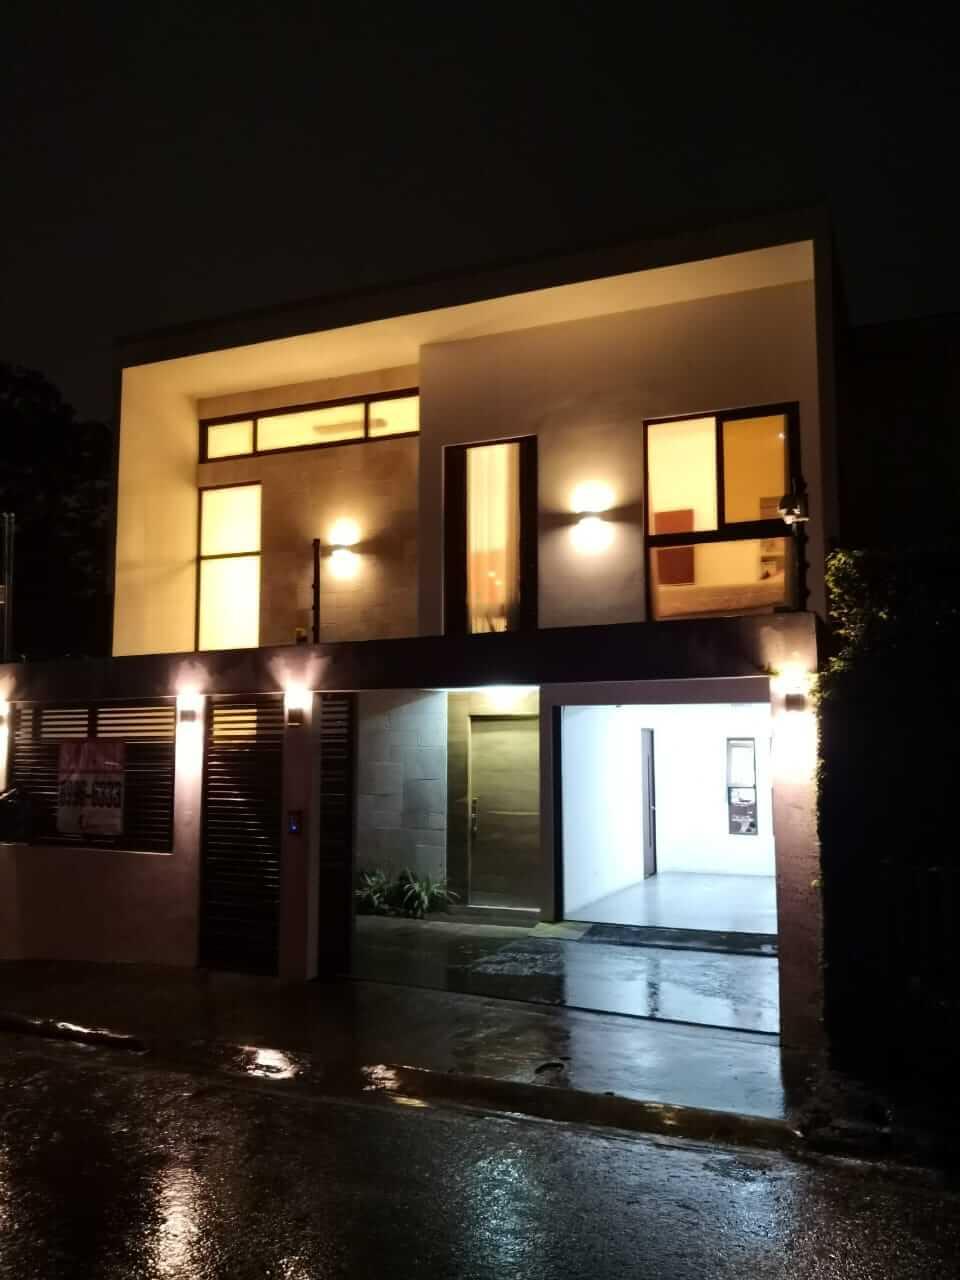 Venta de moderna casa independiente en Guachipelín Escazú